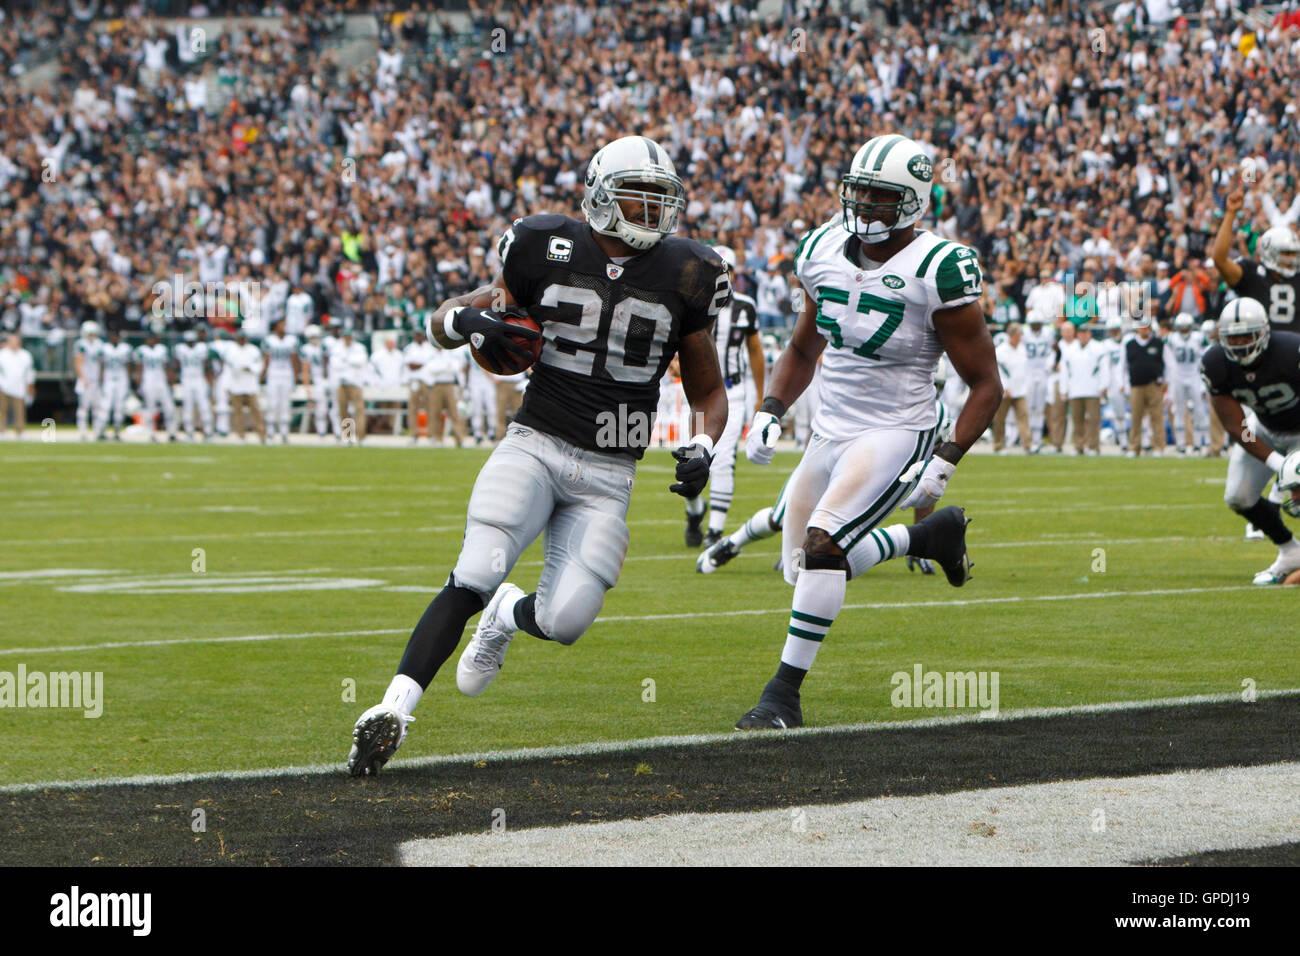 Sep 25, 2011; Oakland, CA, USA;  Oakland Raiders running back Darren McFadden (20) scores a touchdown past New York - Stock Image